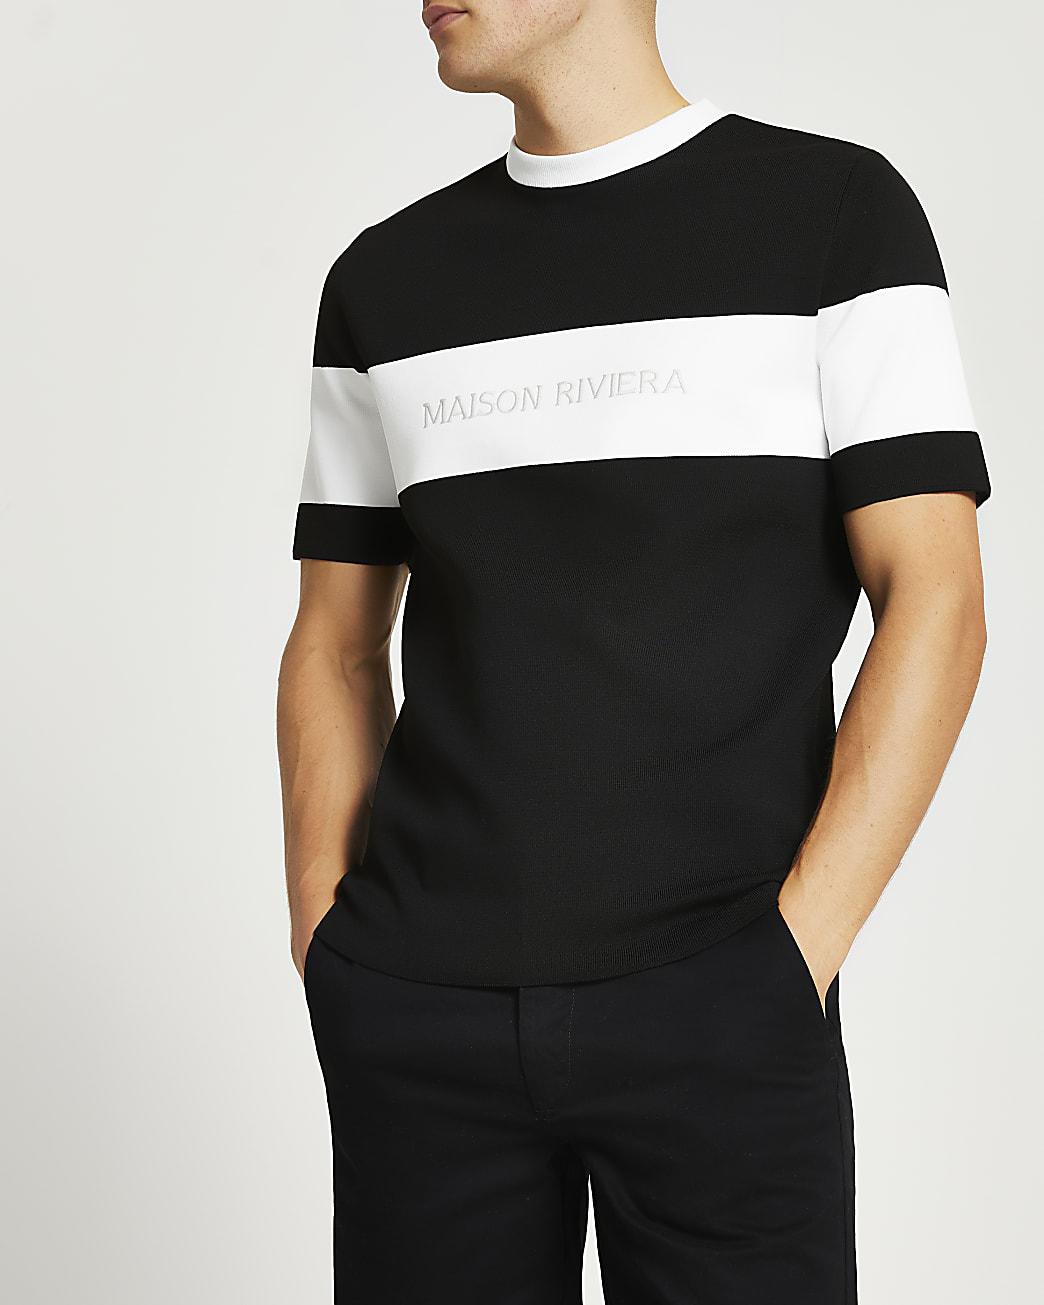 Maison Riviera black colour block t-shirt